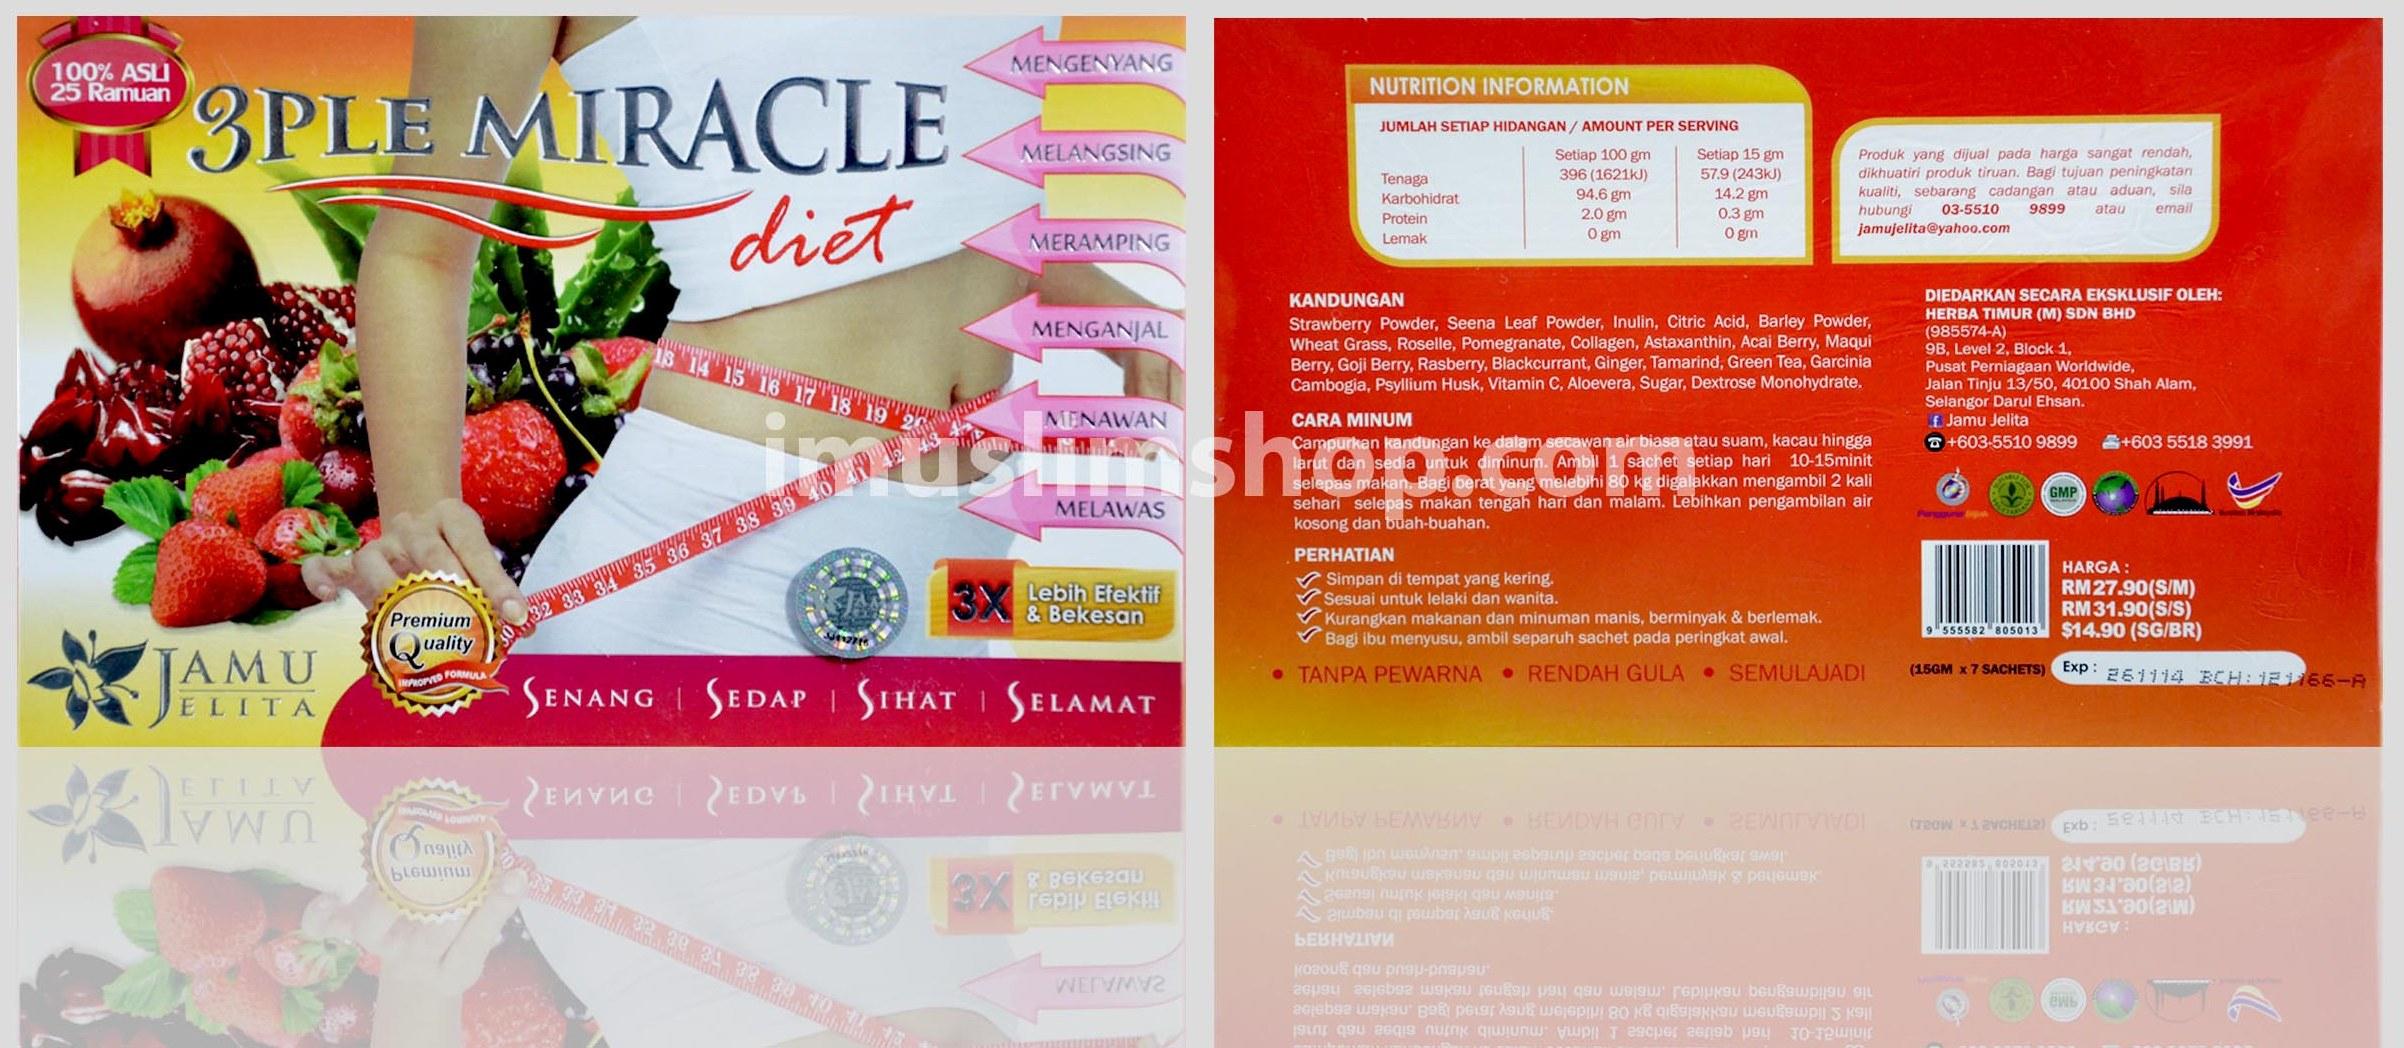 3 PLE Miracle Diet